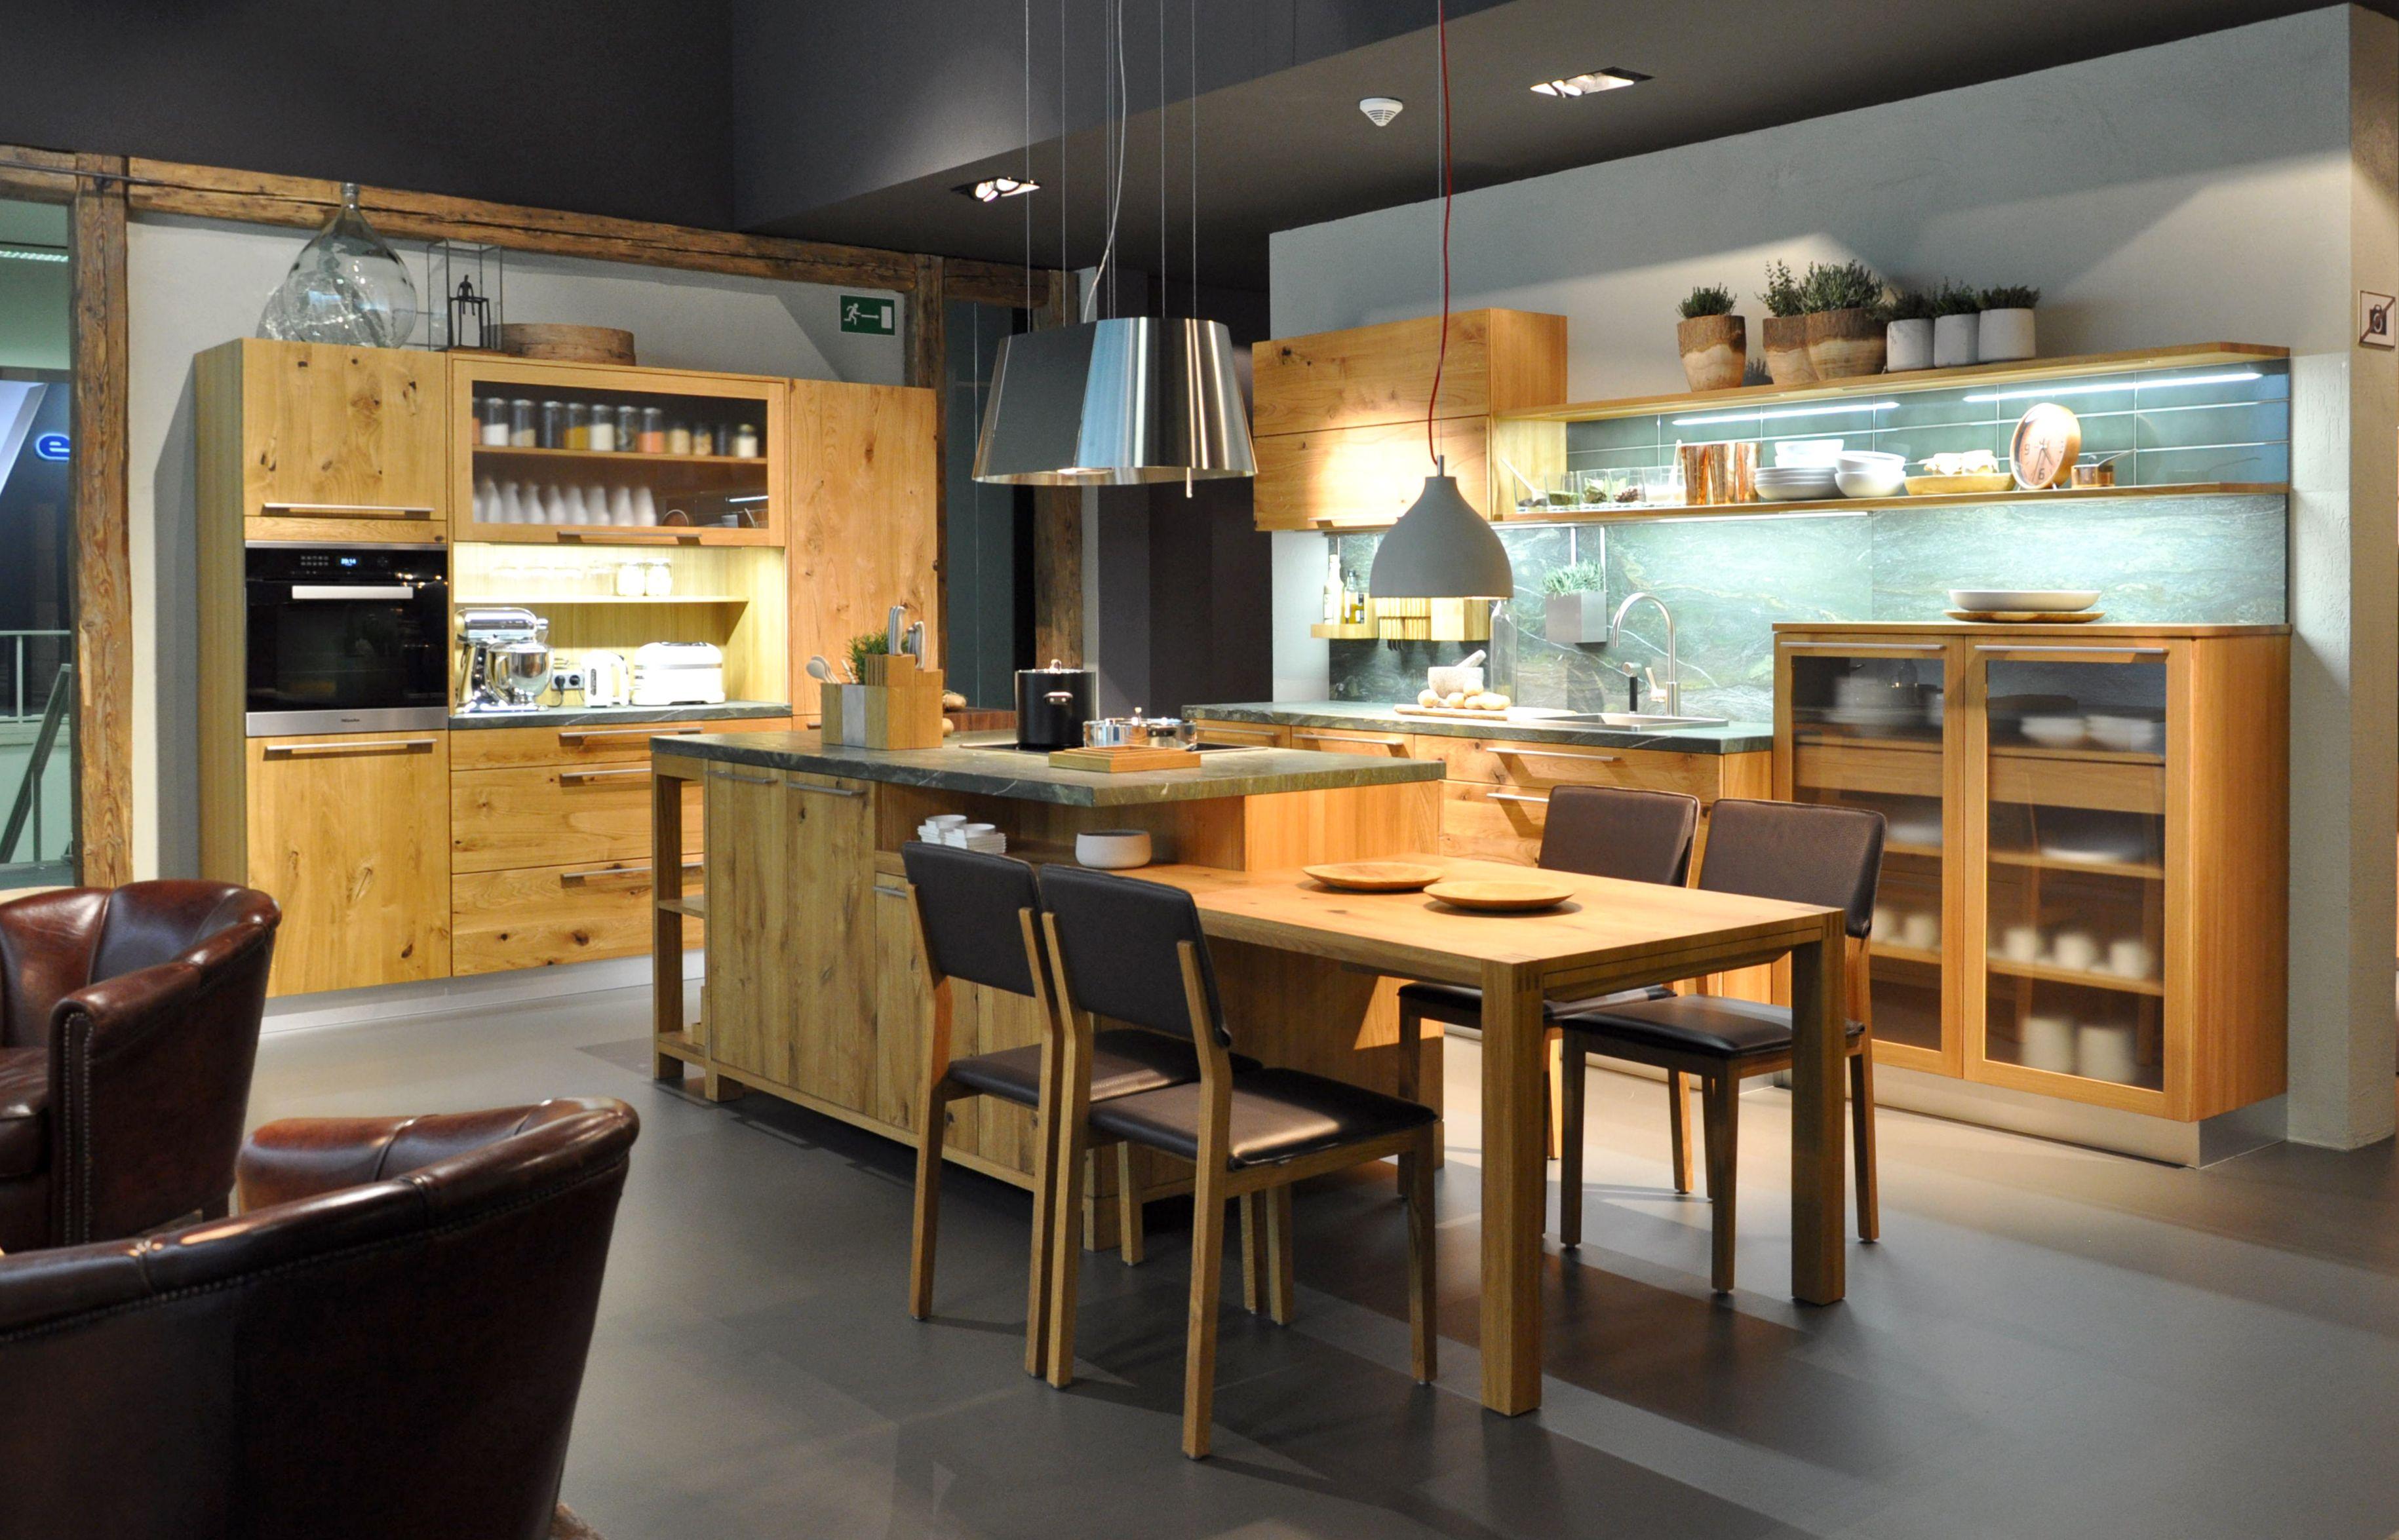 Edelstahl Küche | Holz Stein Glas Edelstahl Kupfer Stoffe Korbgeflecht